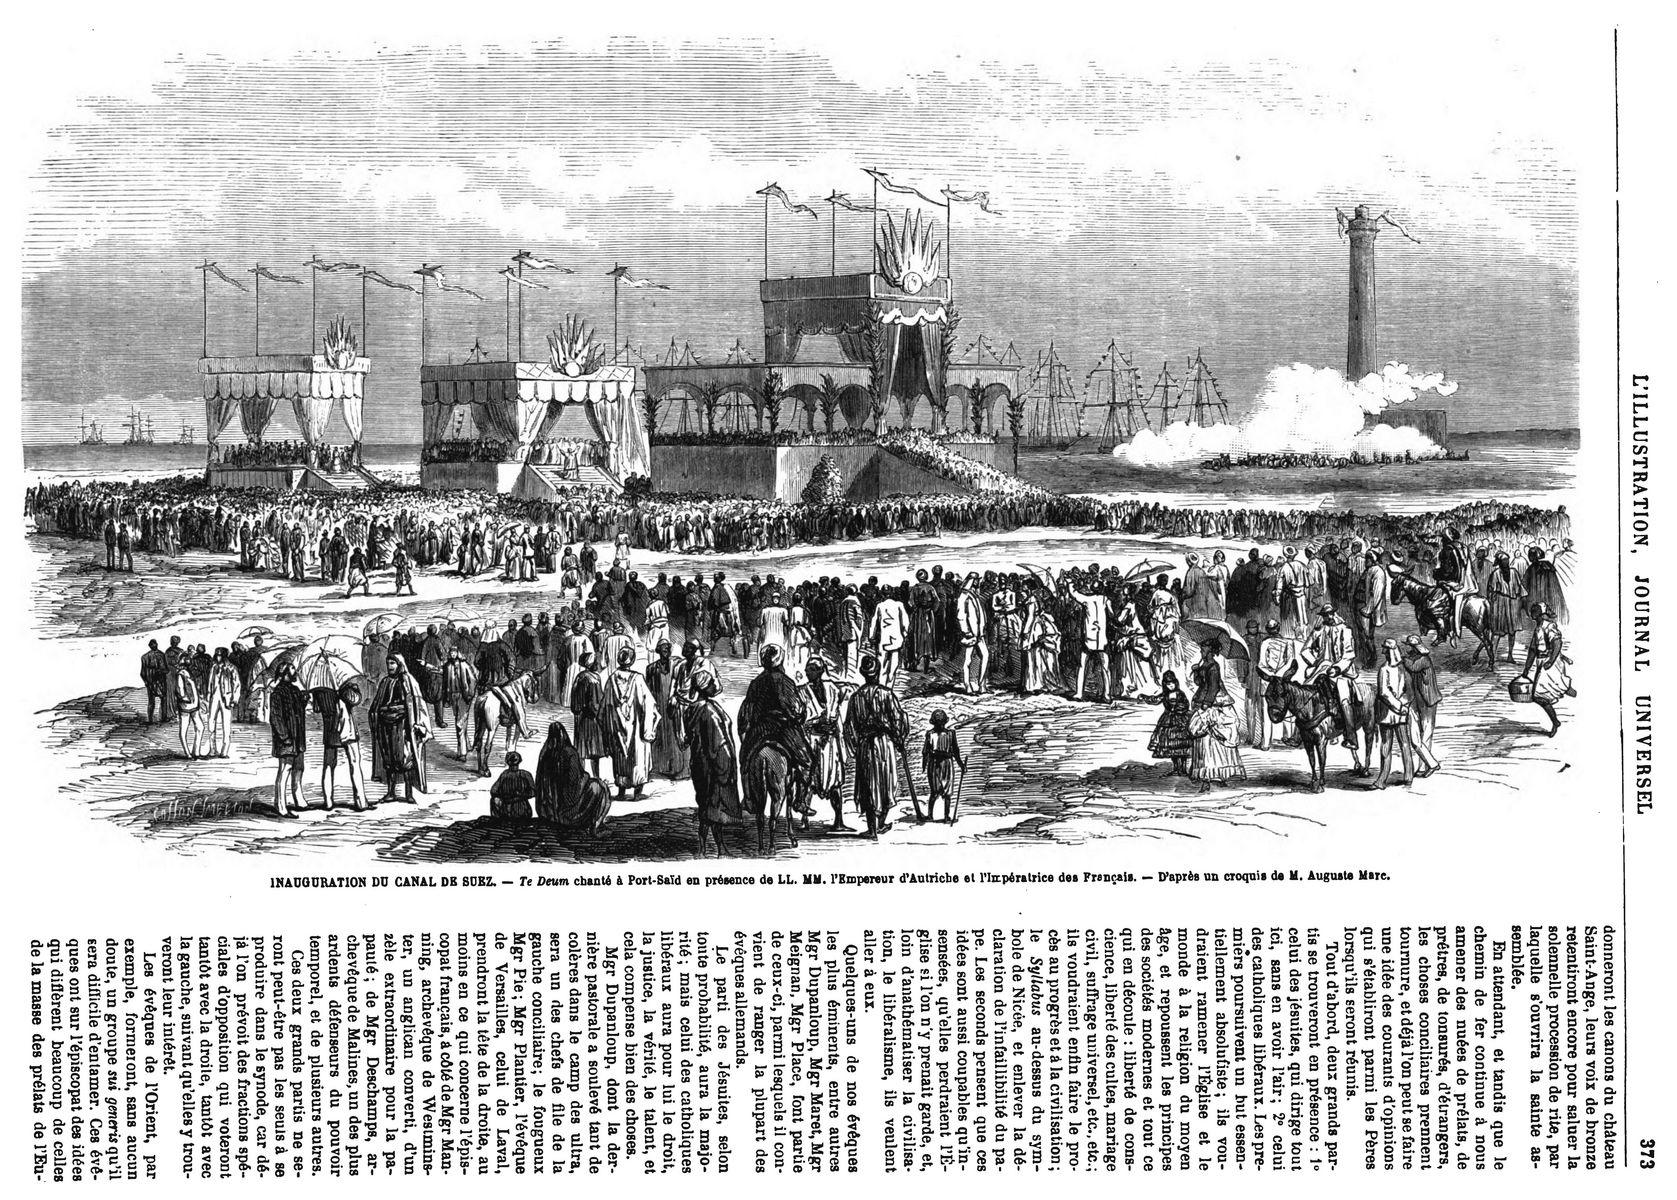 Inauguration du Canal de Suez : Te Deum cnanté à Port Saïd; 1869